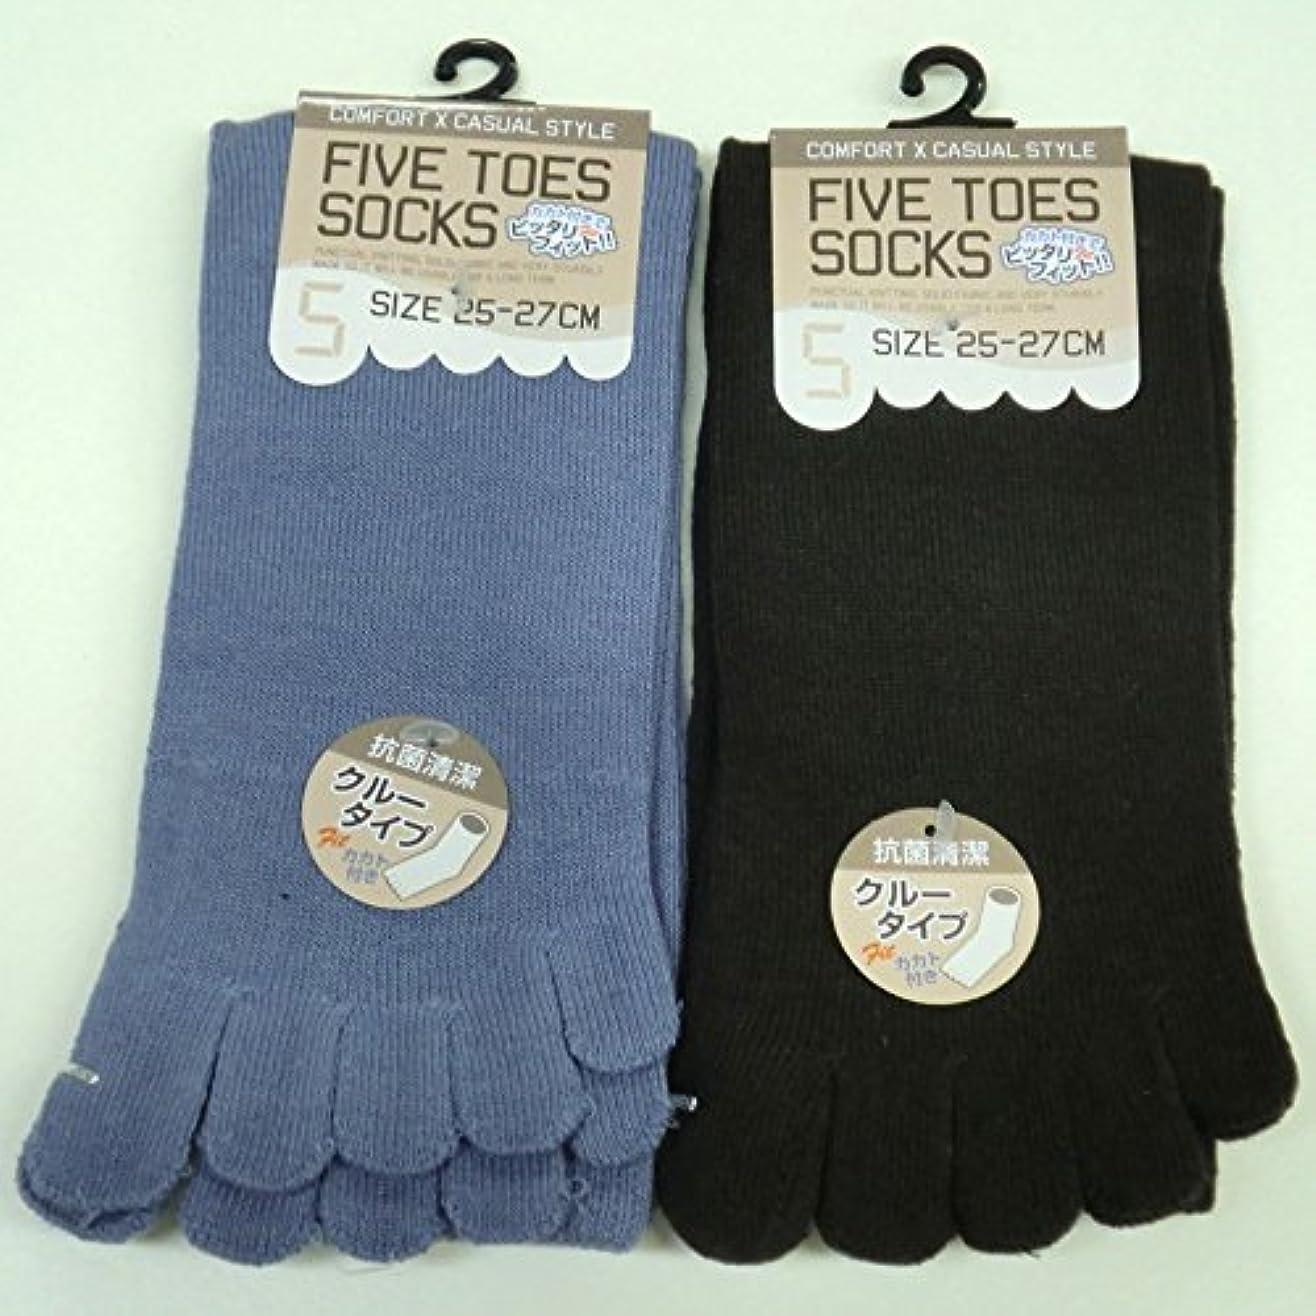 スリラー以内に集団5本指ソックス メンズ 綿混 蒸れない快適 5本指靴下 かかと付 25-27cm 5足組(色はお任せ)